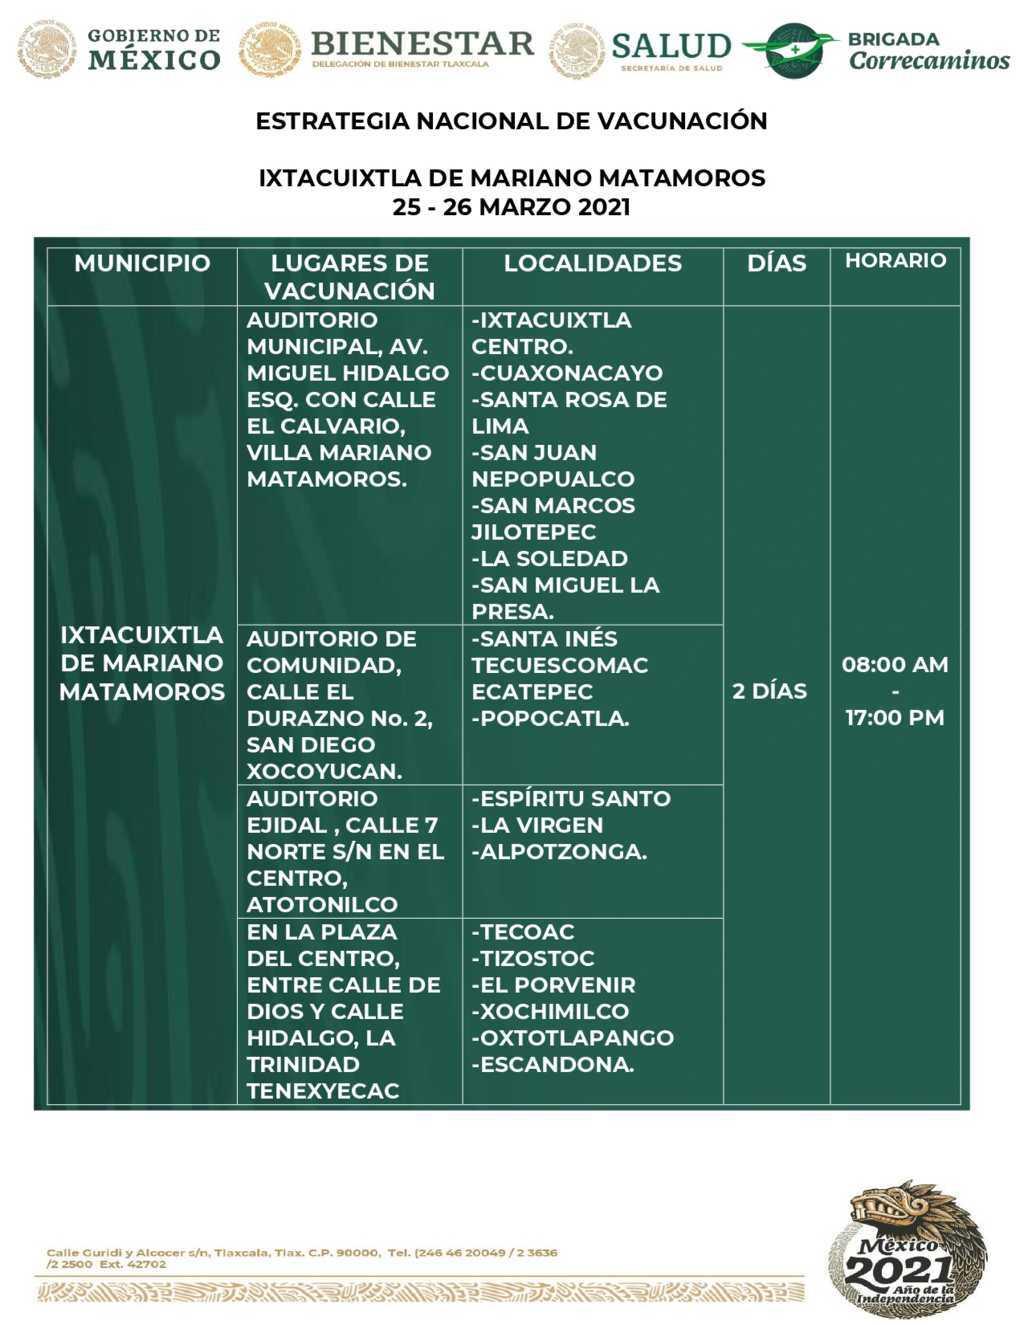 Anuncian vacunación contra Covid-19 en cuatro municipios de Tlaxcala